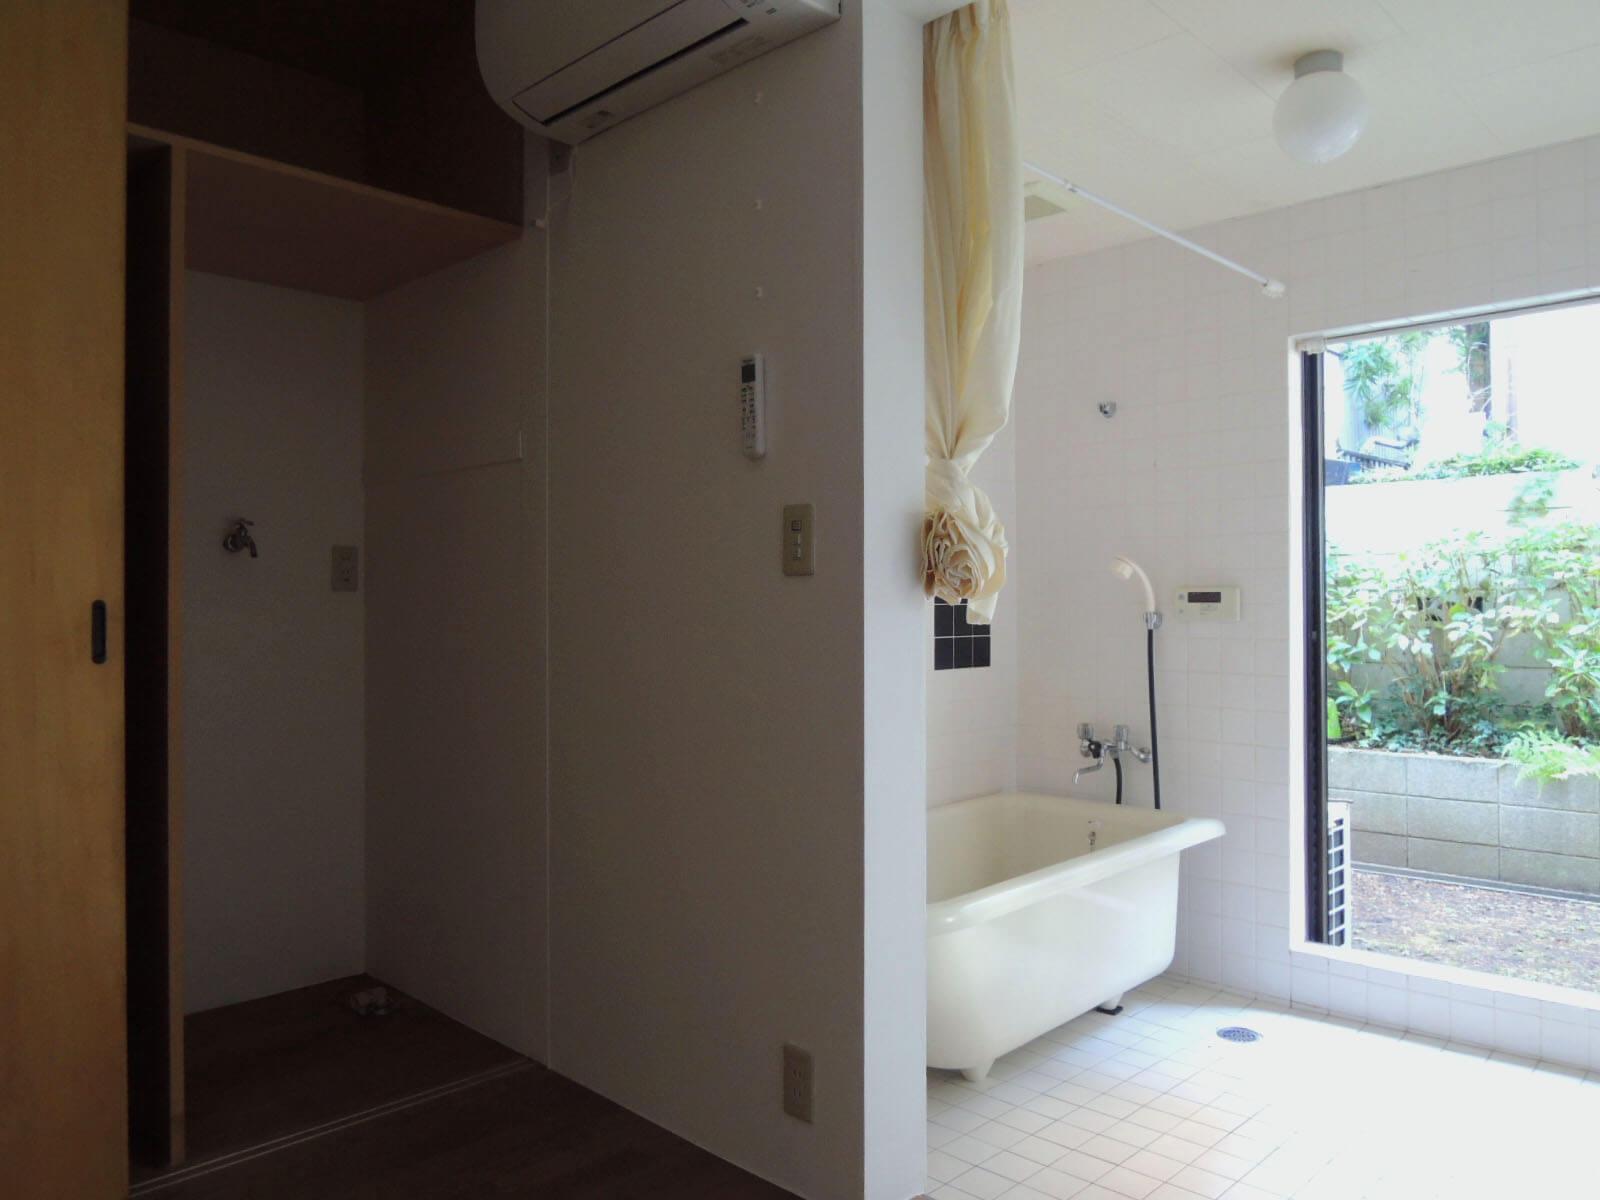 1階奥、意表をつくお風呂場にびっくり。